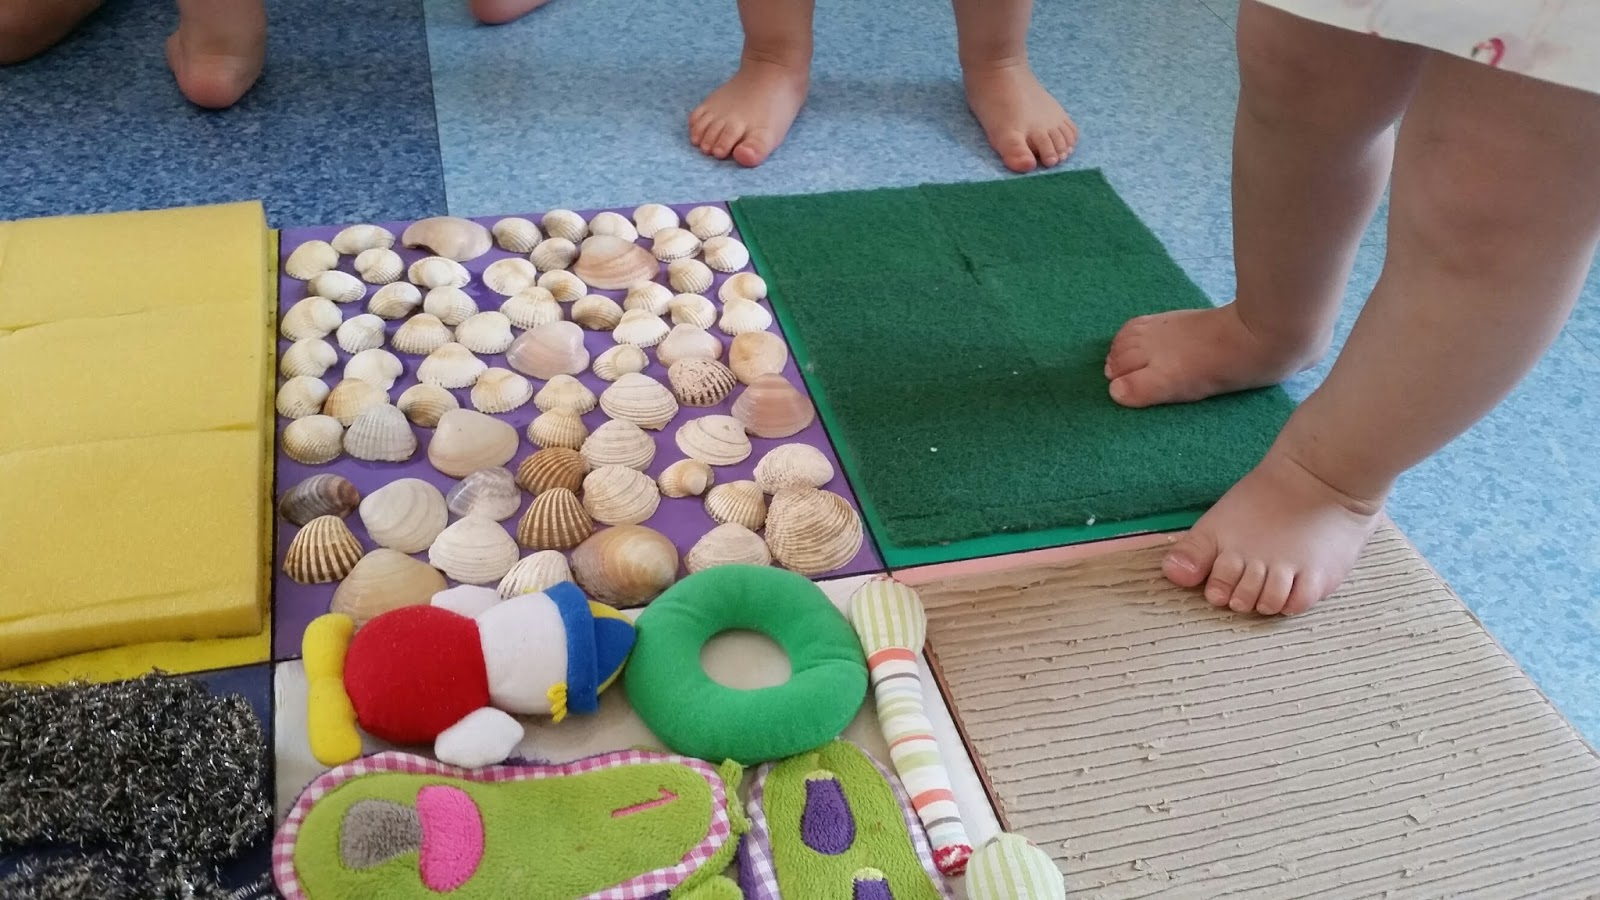 Centro de educaci n infantil pinocho alfombra sensorial for Alfombras de juegos para ninos